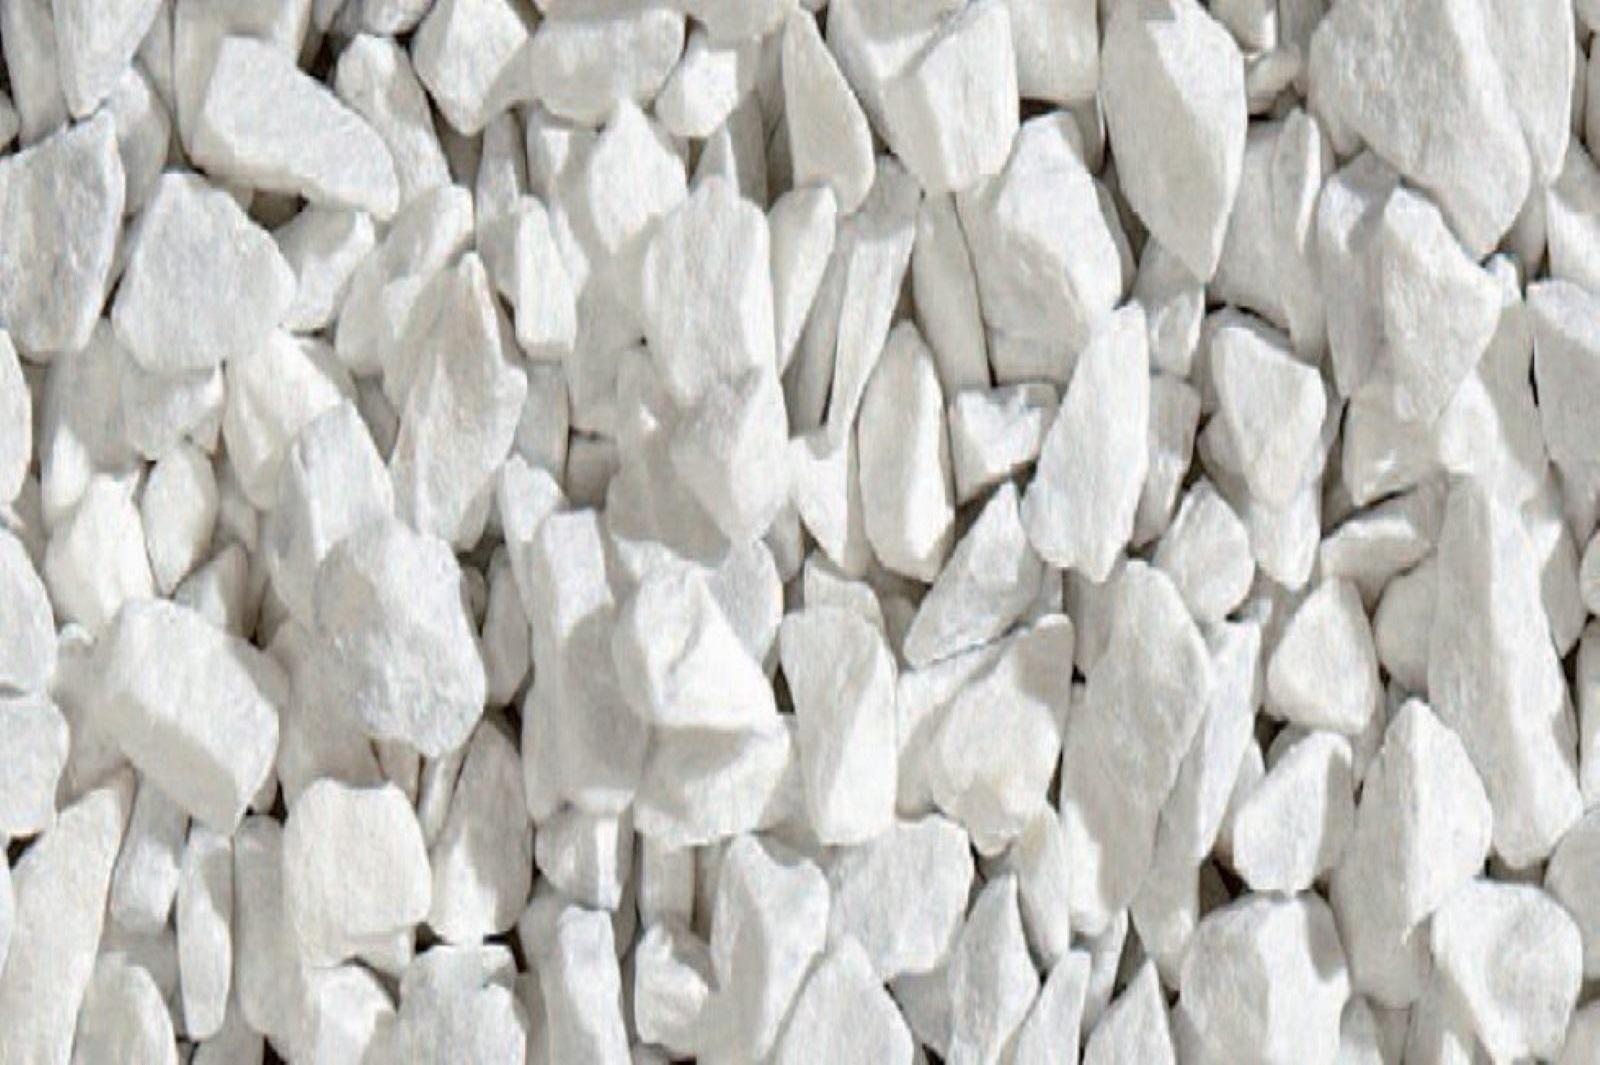 Gartensplitt Ziersplitt Bianco Carrara Granulat Marmor weiß 8 - 12 mm 25 kg